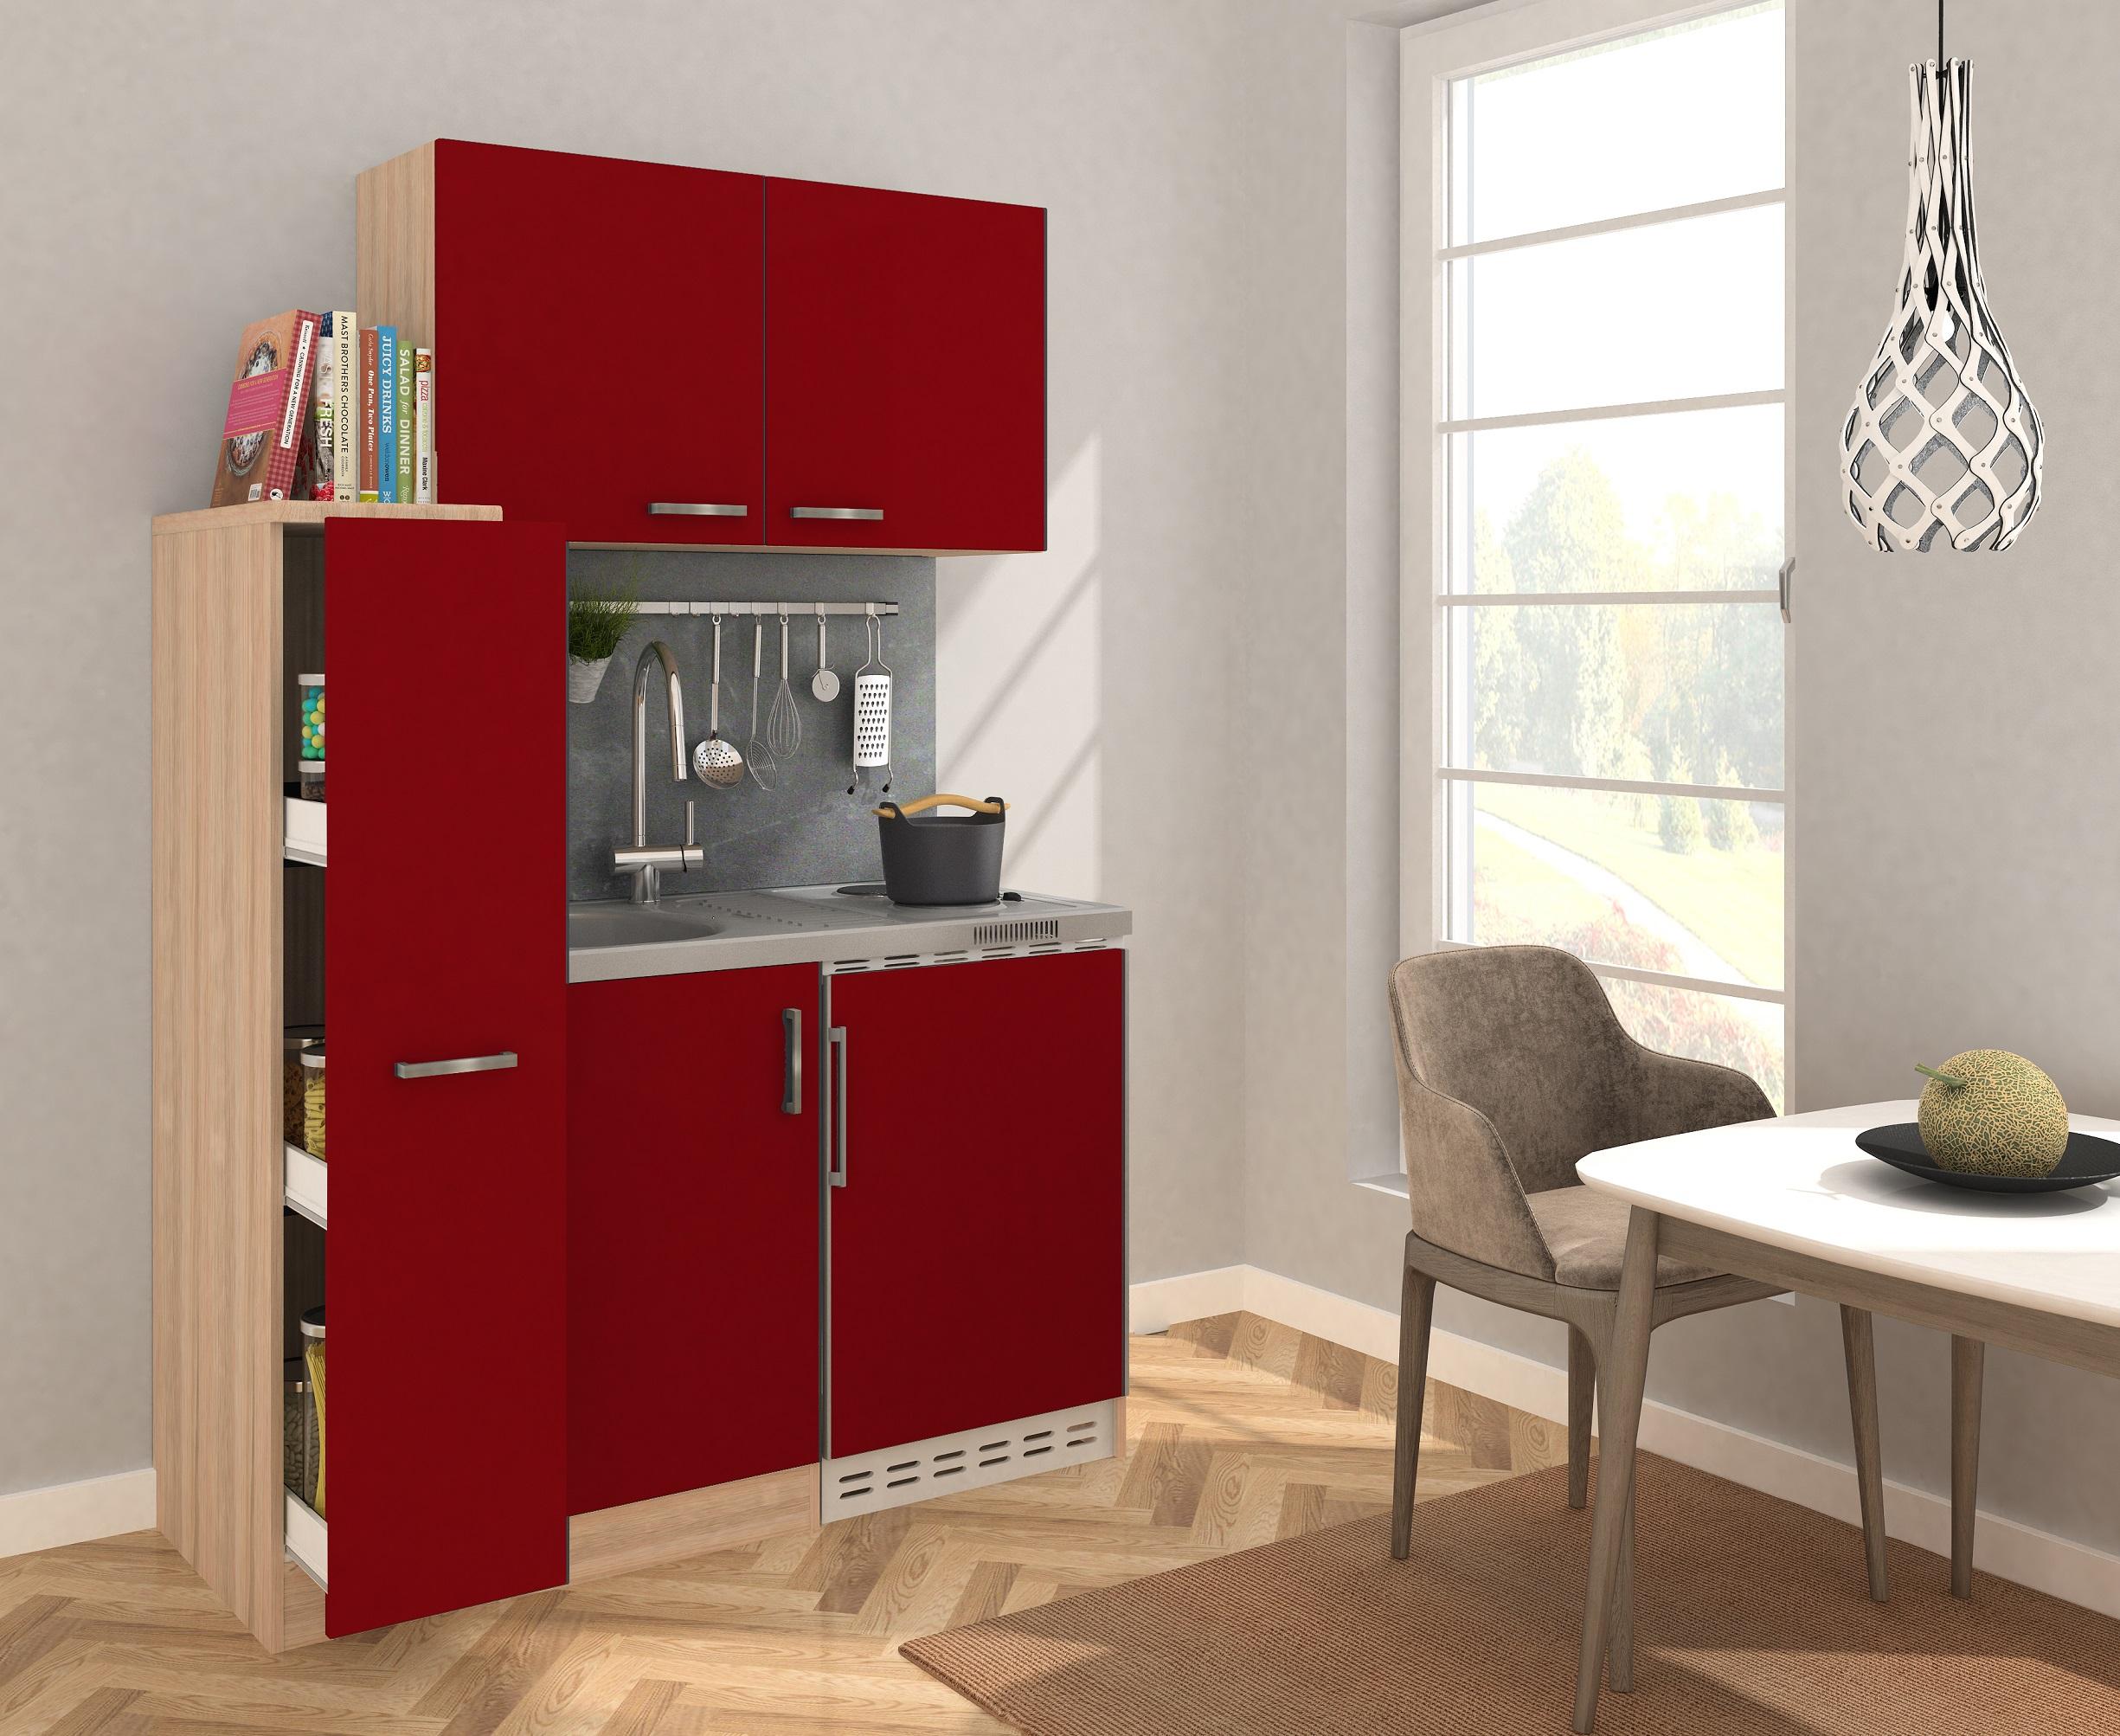 Dettagli su Cucina Mini Blocco Angolo Cottura 130 cm Rovere Ruvido-Segato  Rosso Respekta